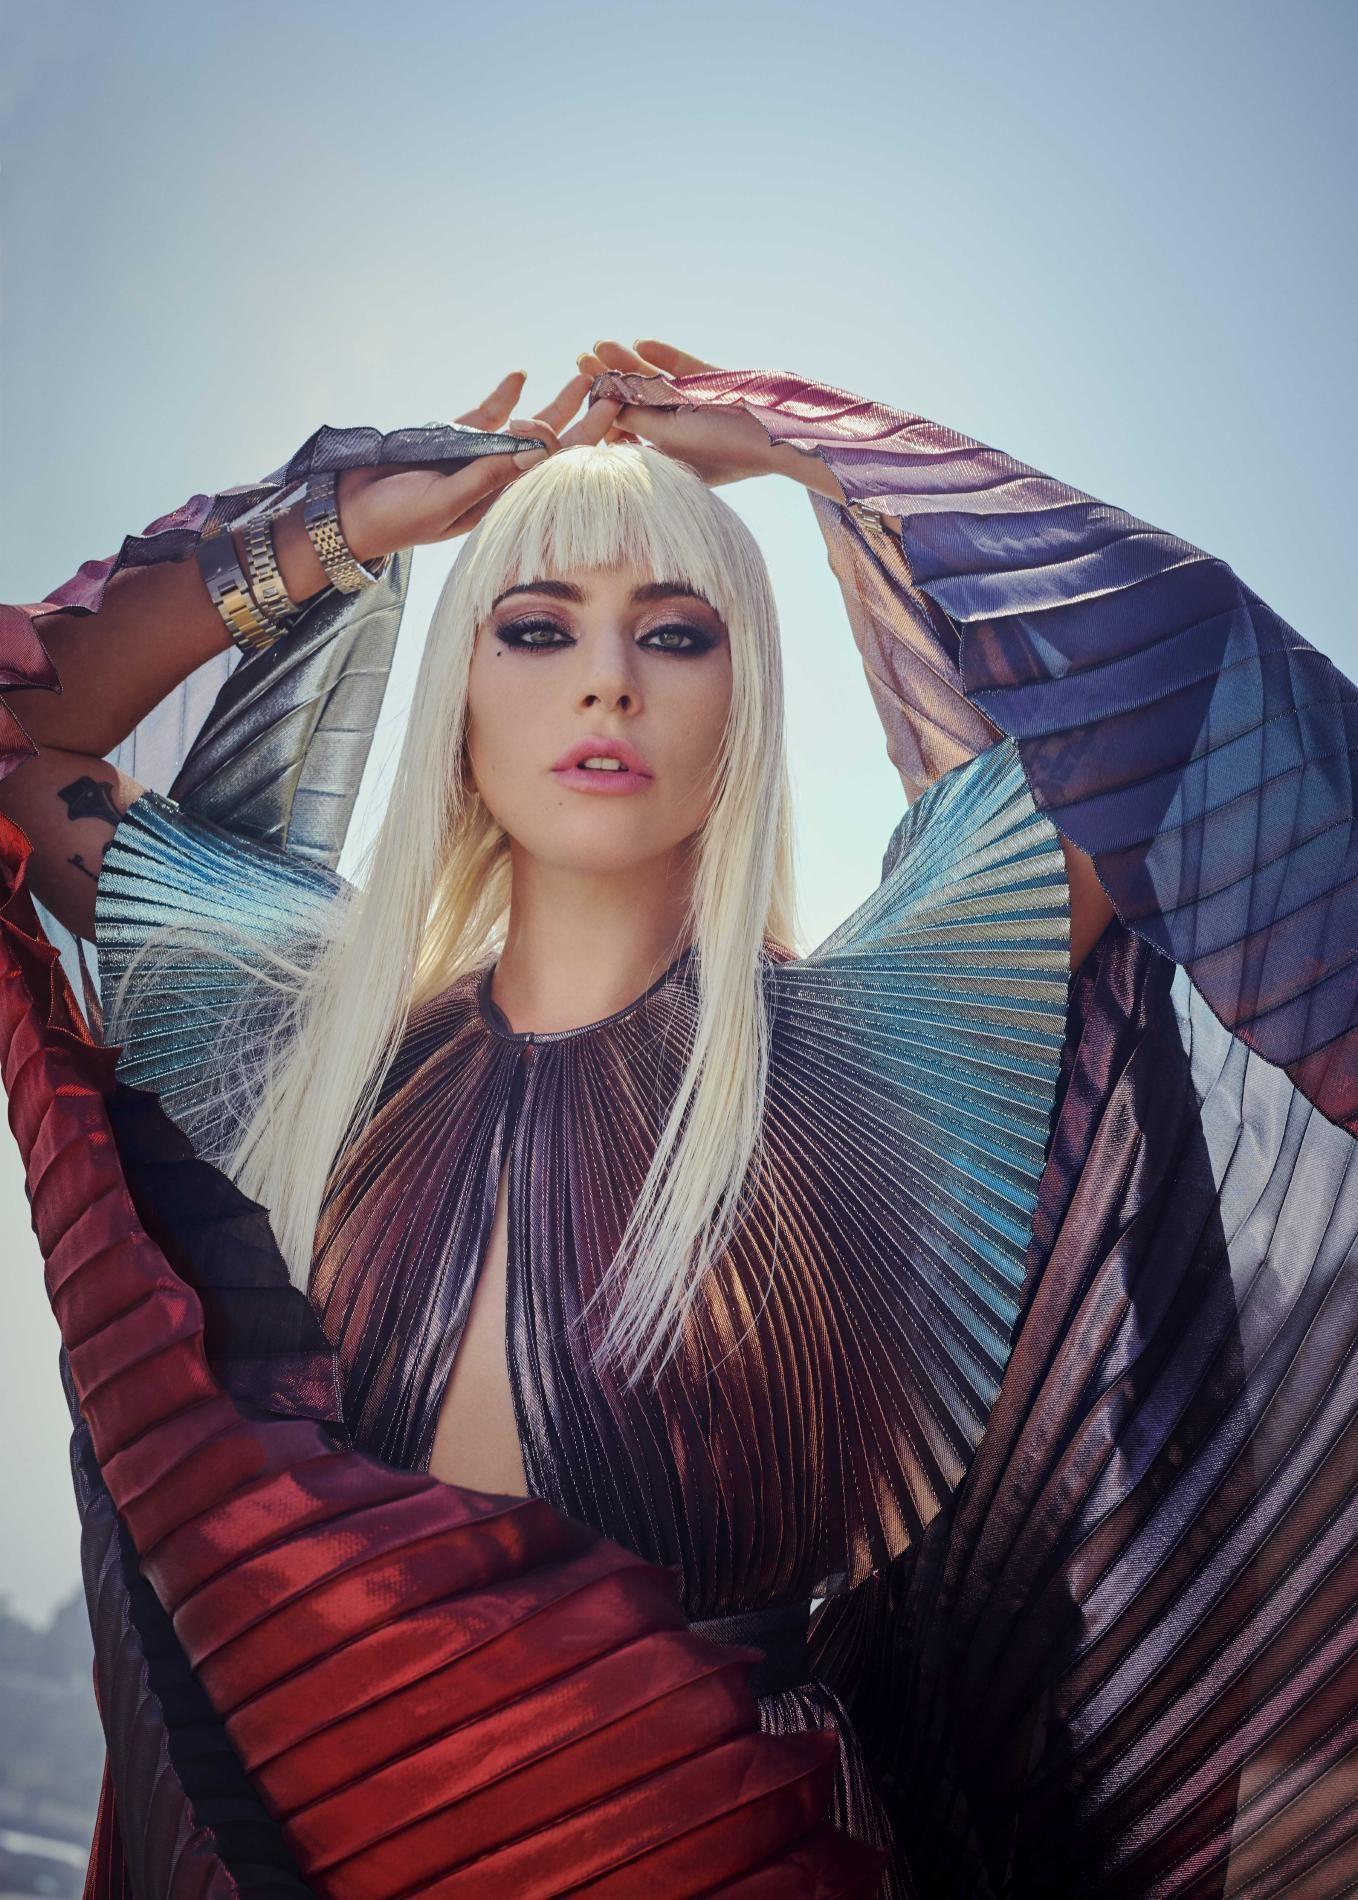 Lady Gaga fotos (838 fotos) - LETRAS.MUS.BR